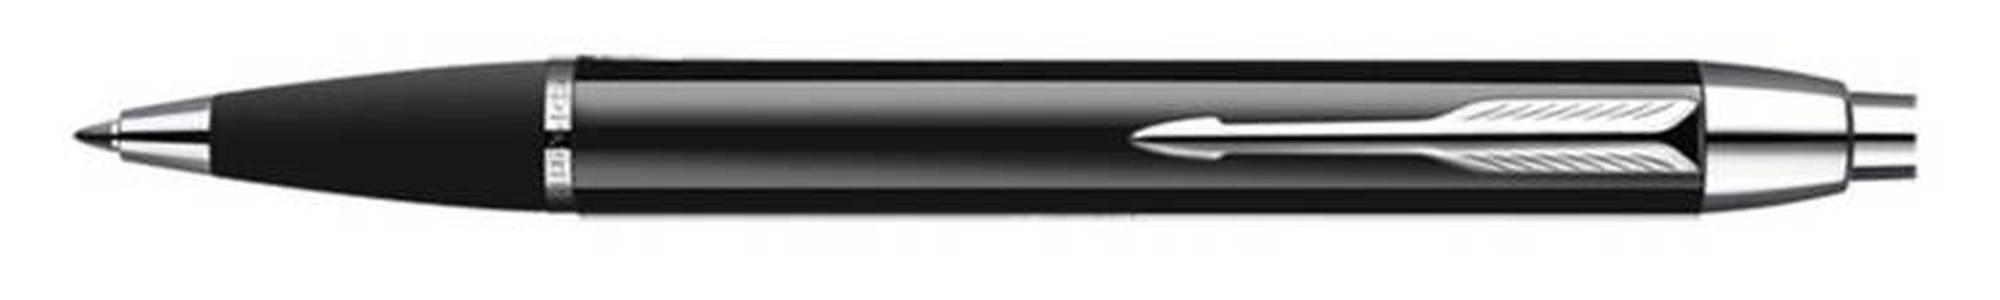 Długopis parker IM – 05120